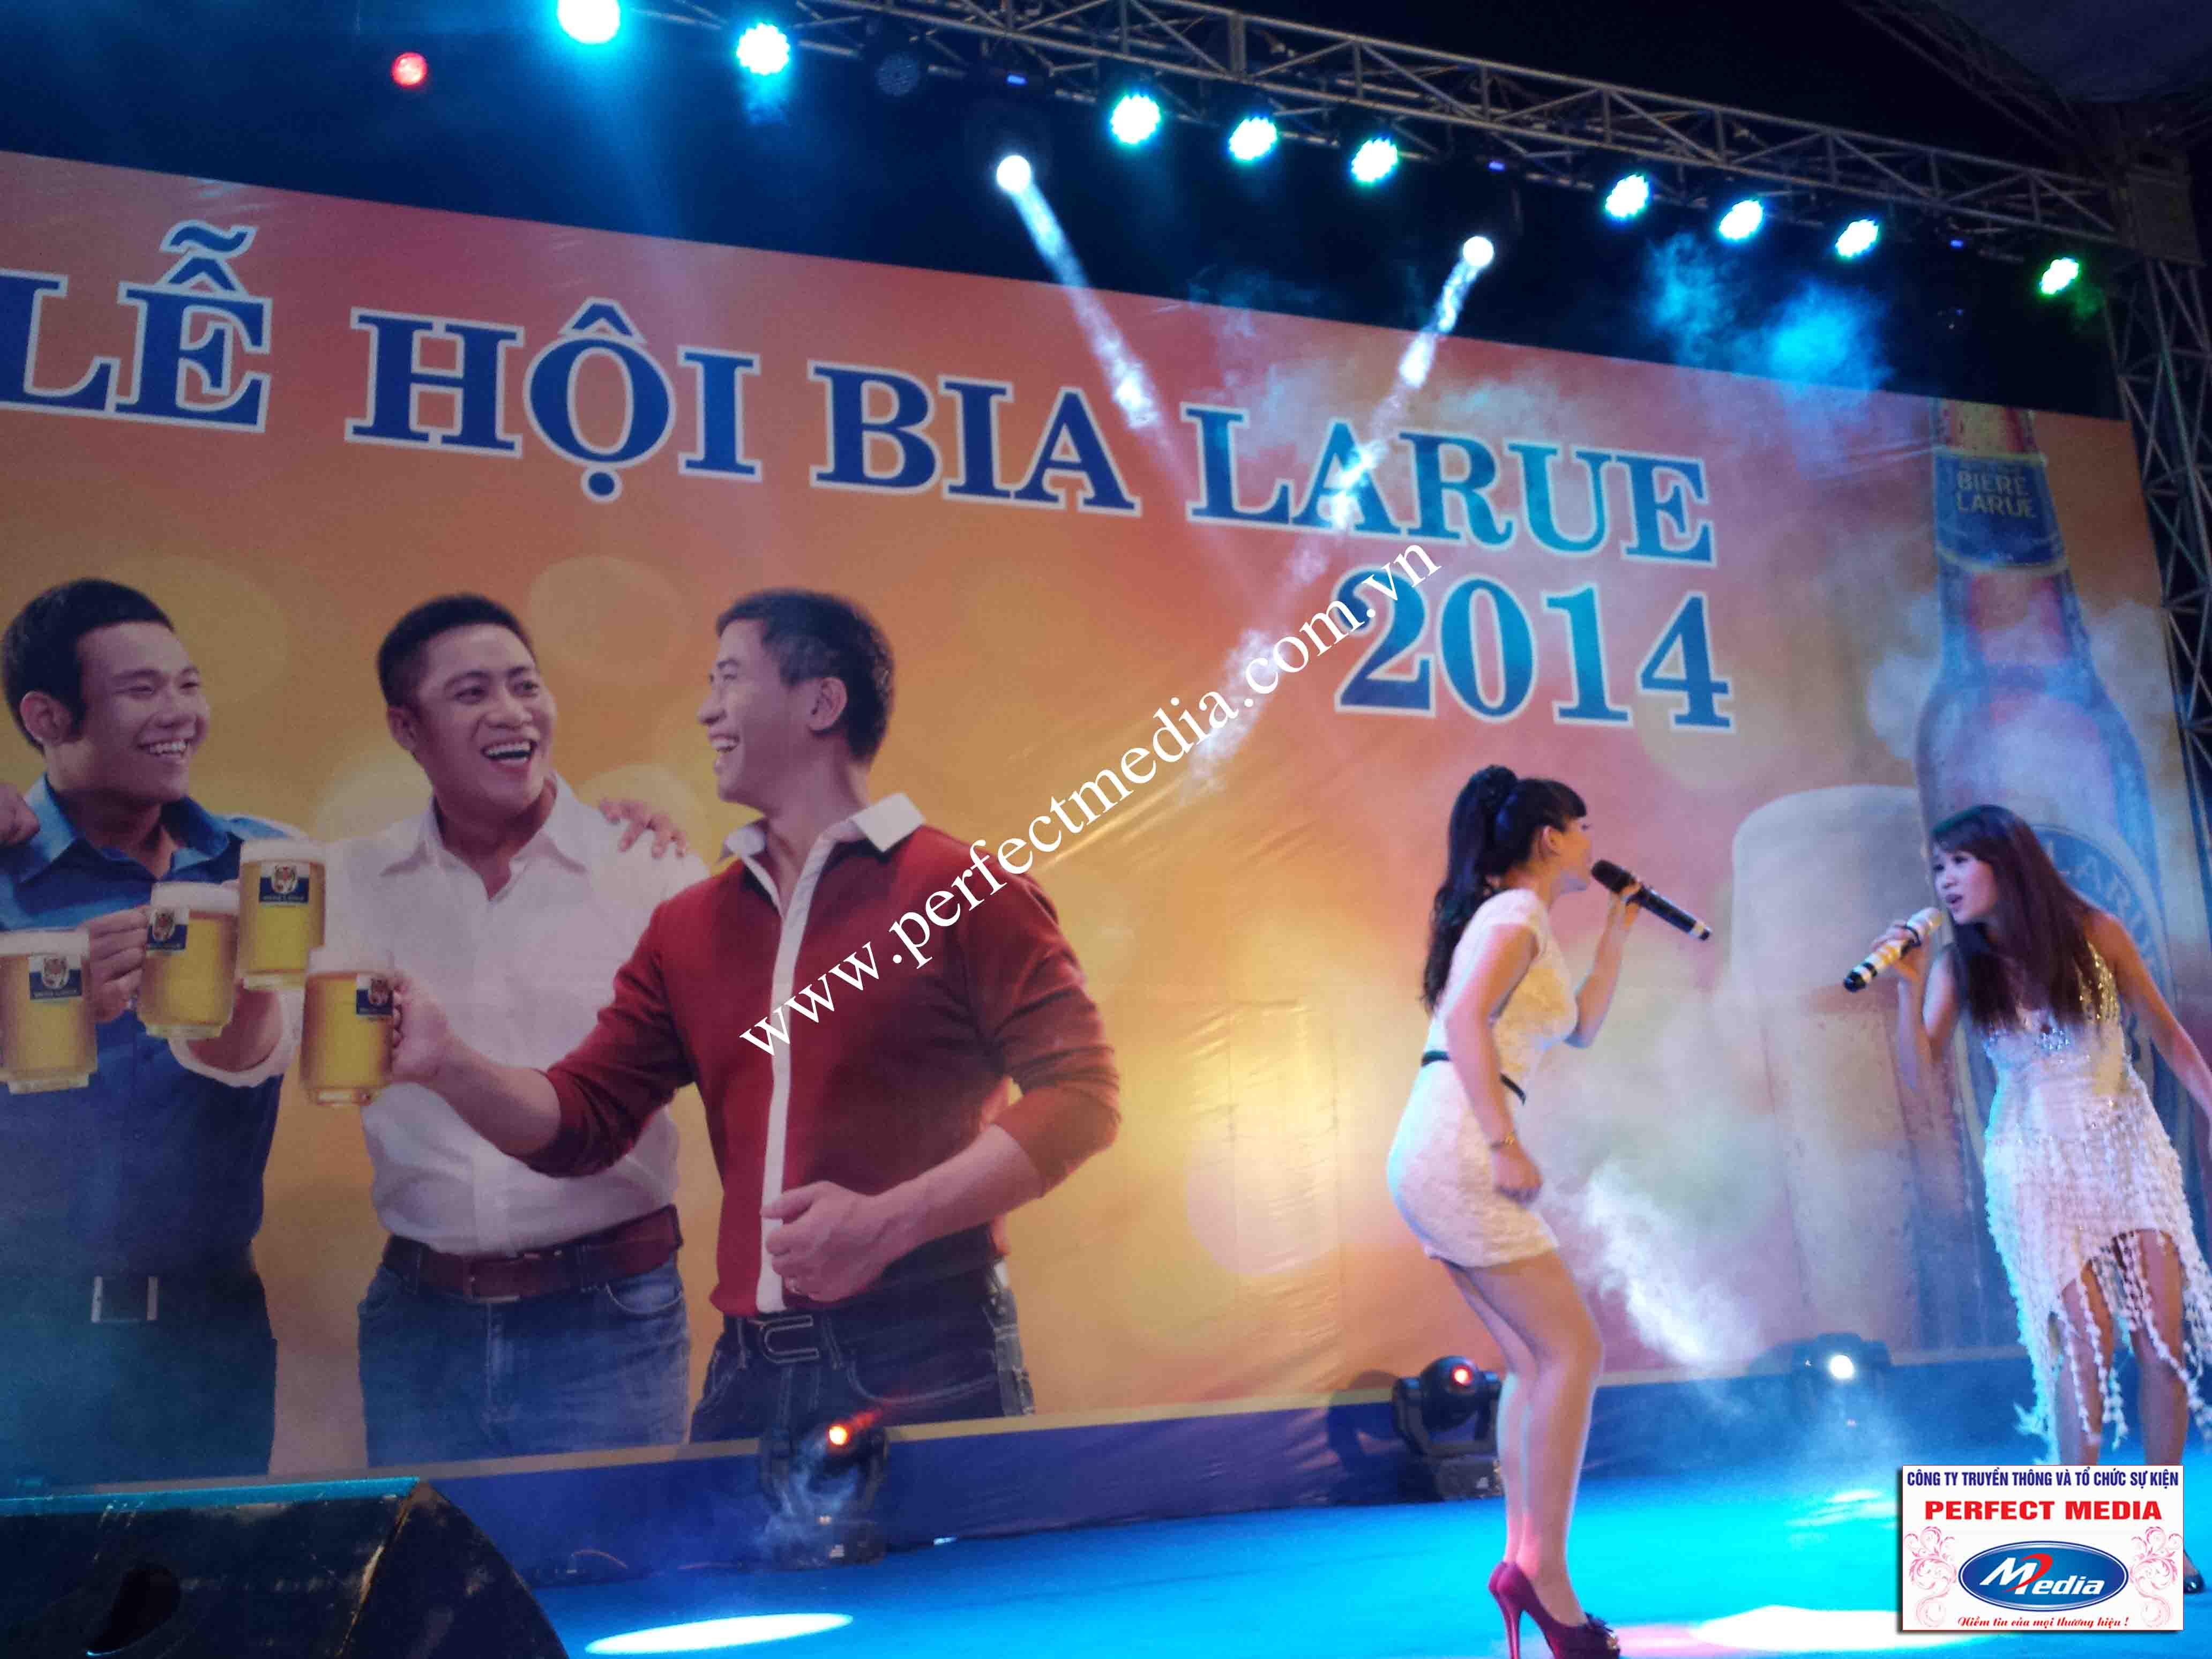 Hình ảnh Perfect Media đã thực hiện Tour Festival Bia Larue 15